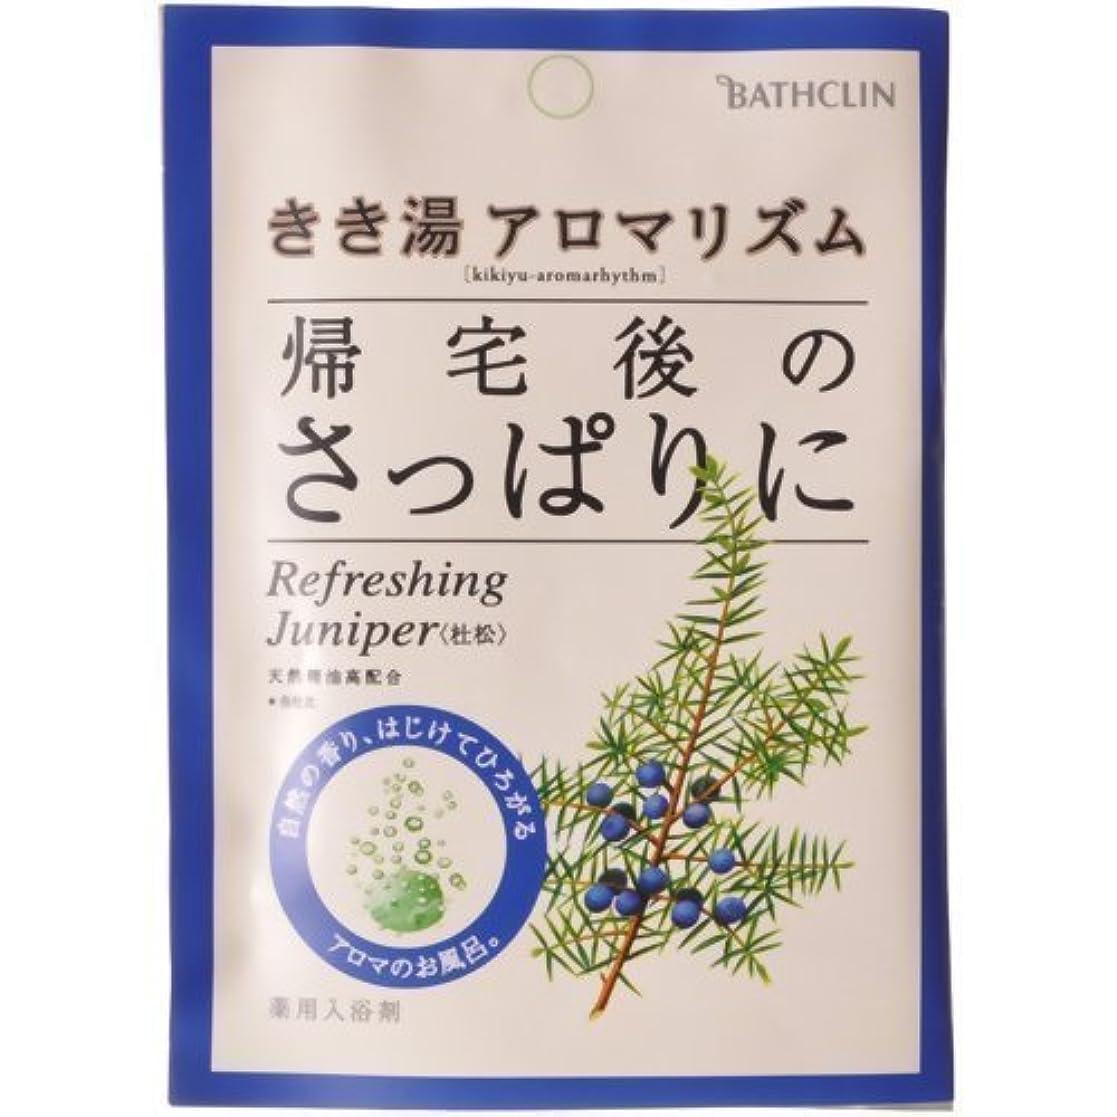 ペパーミント揮発性忘れるきき湯 アロマリズム リフレッシュジュニパーの香り 30g